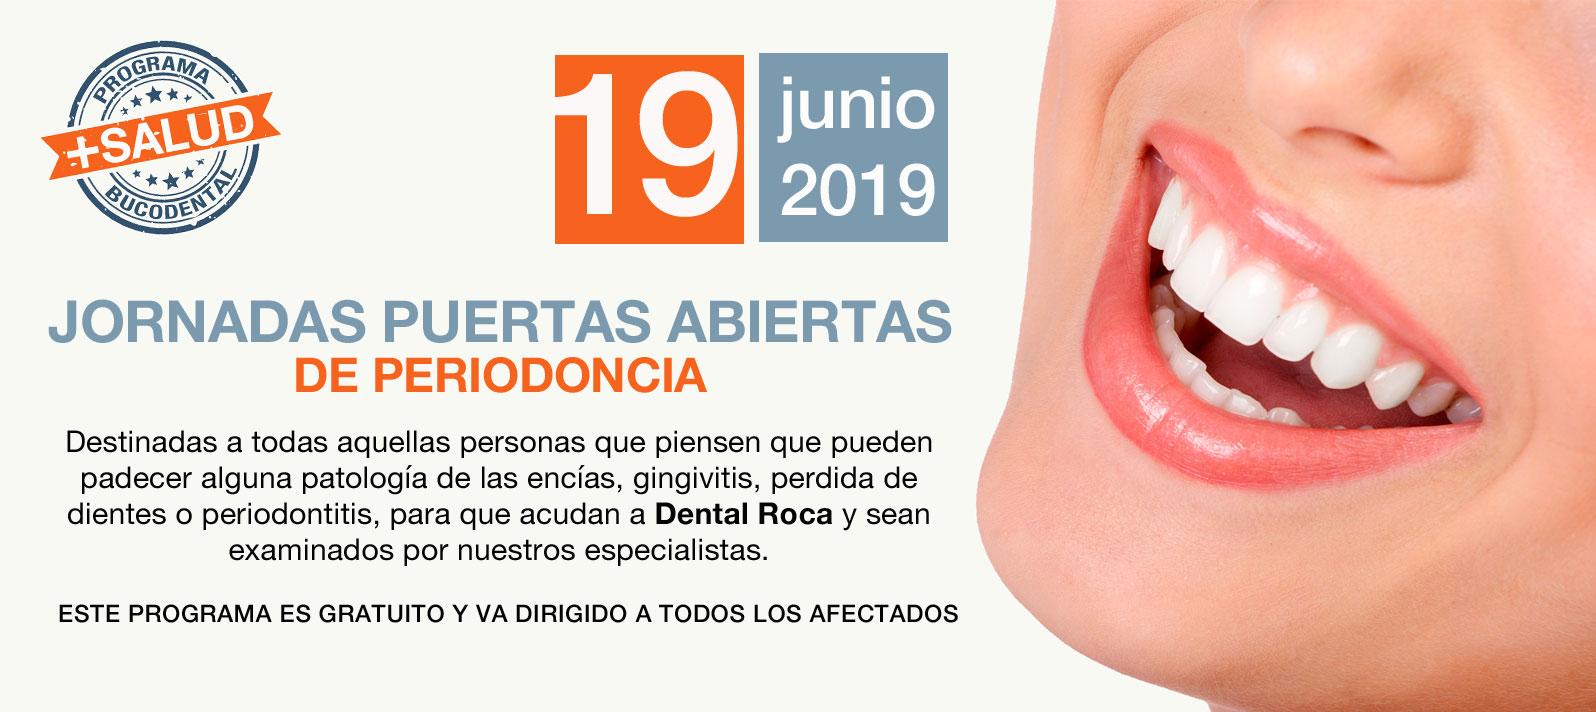 Jornadas de puertas abiertas de salud periodontal en Dental Roca